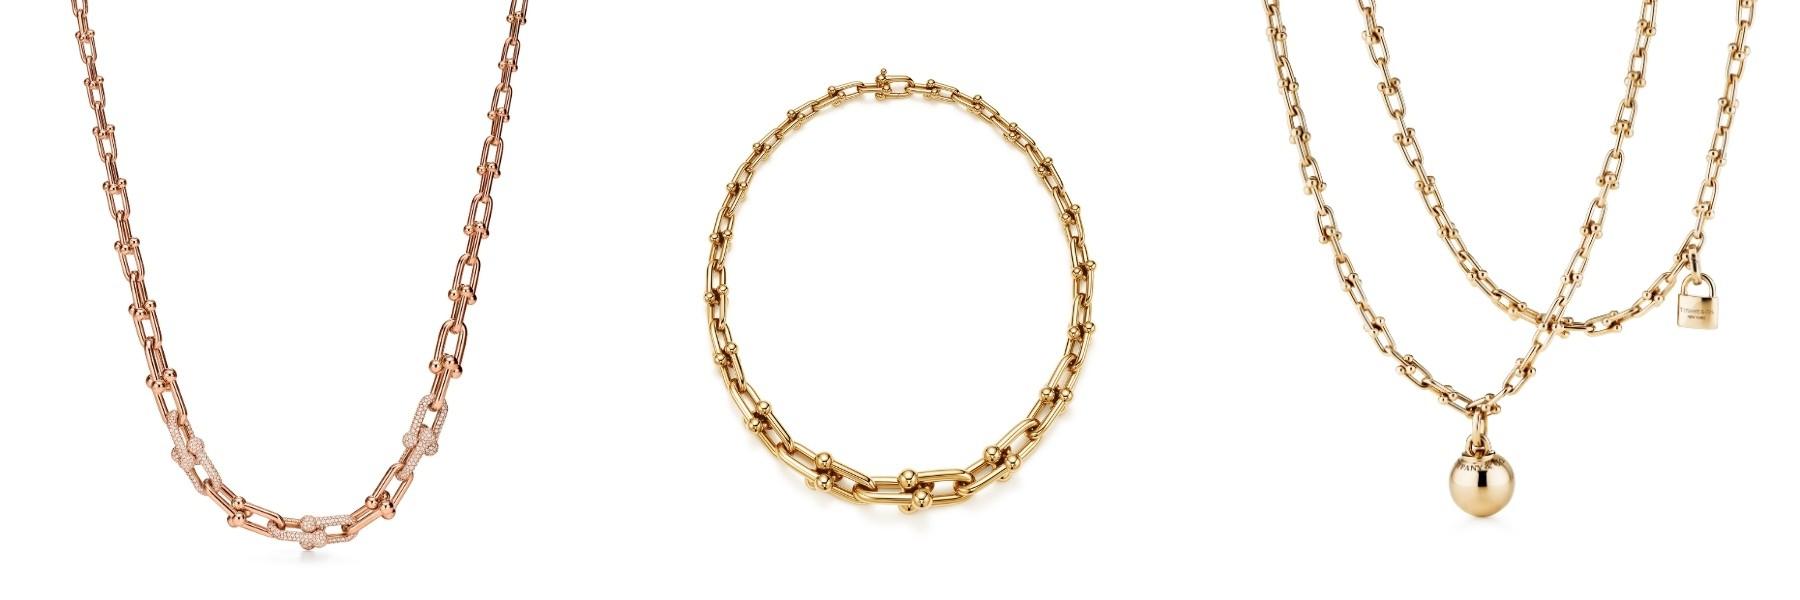 Dari kiri ke kanan: Kalung graduated link rose gold 18 karat dengan berlian pavé, kalung graduated link emas 18 karat, dan kalung wrap emas 18 karat / Foto: Courtesy of Tiffany & Co.